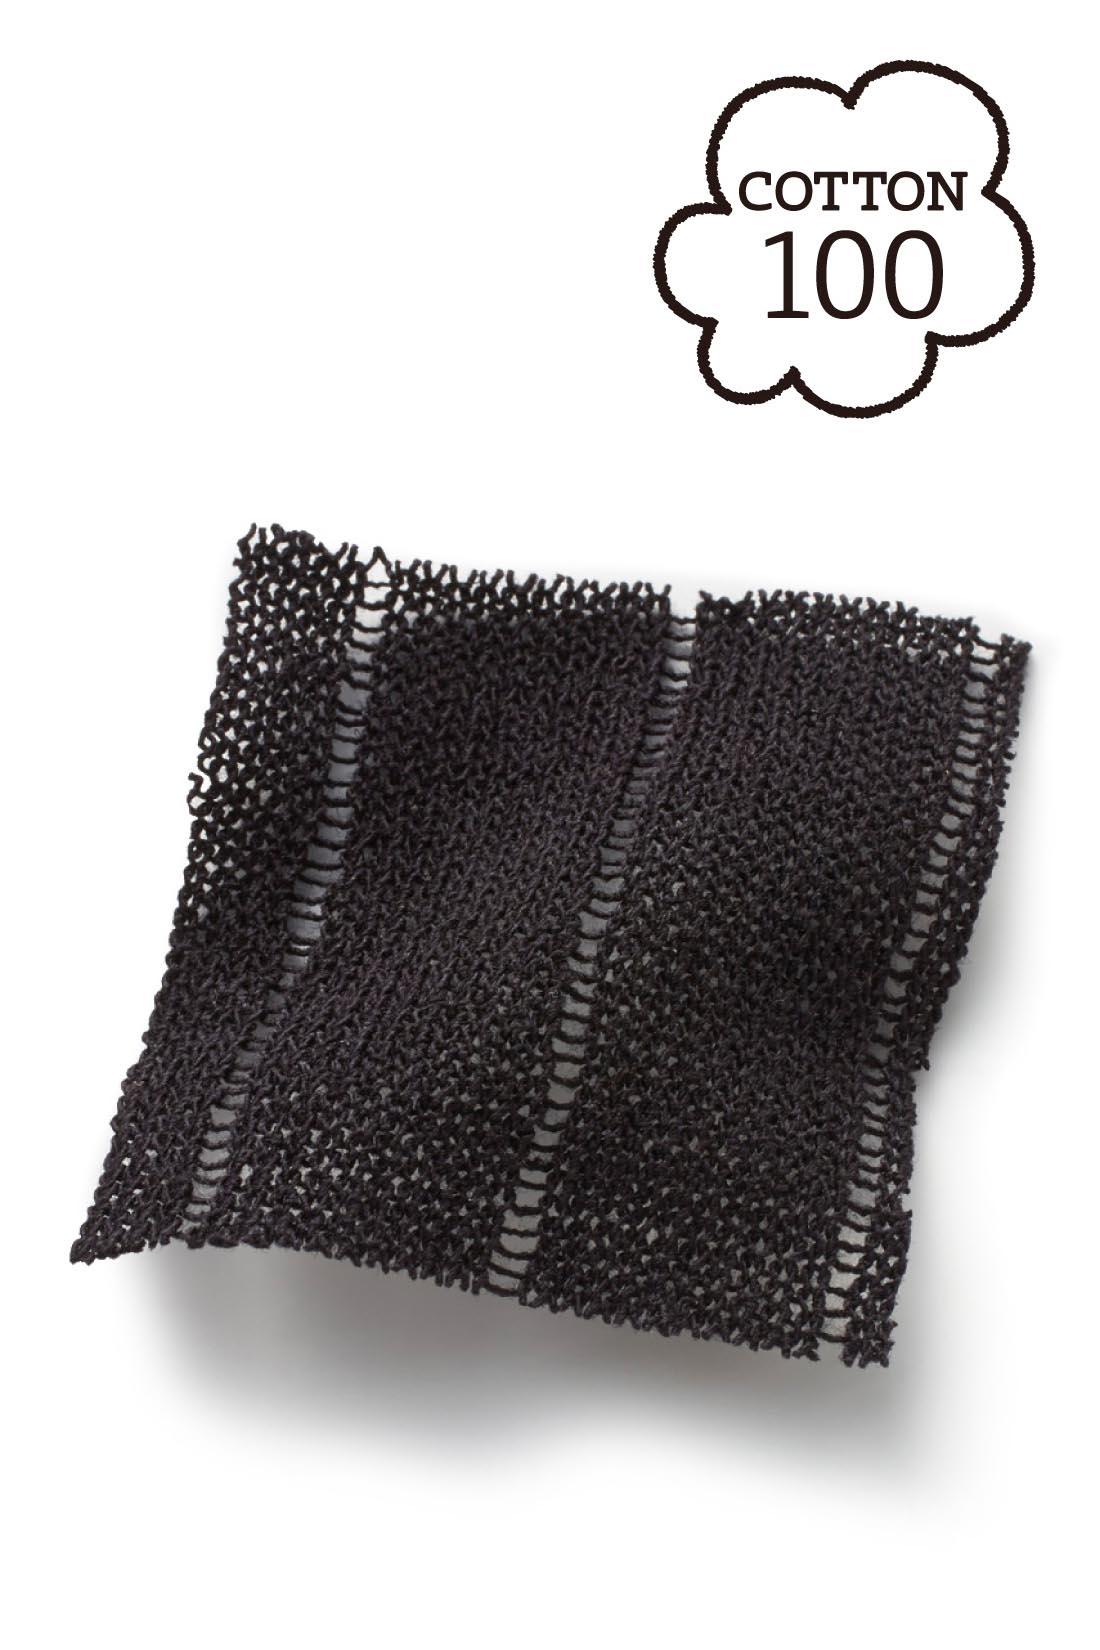 さらりとドライな肌ざわりがうれしい強撚コットン100%。